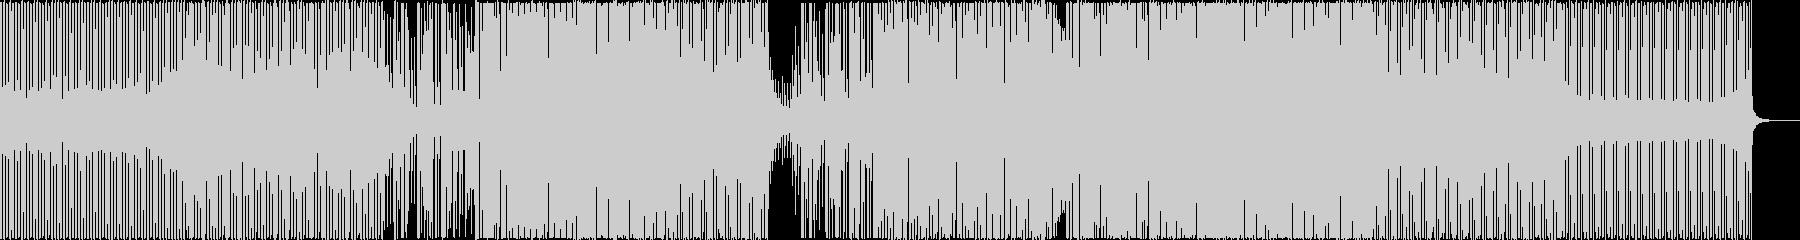 クラシックハウストリップ。の未再生の波形